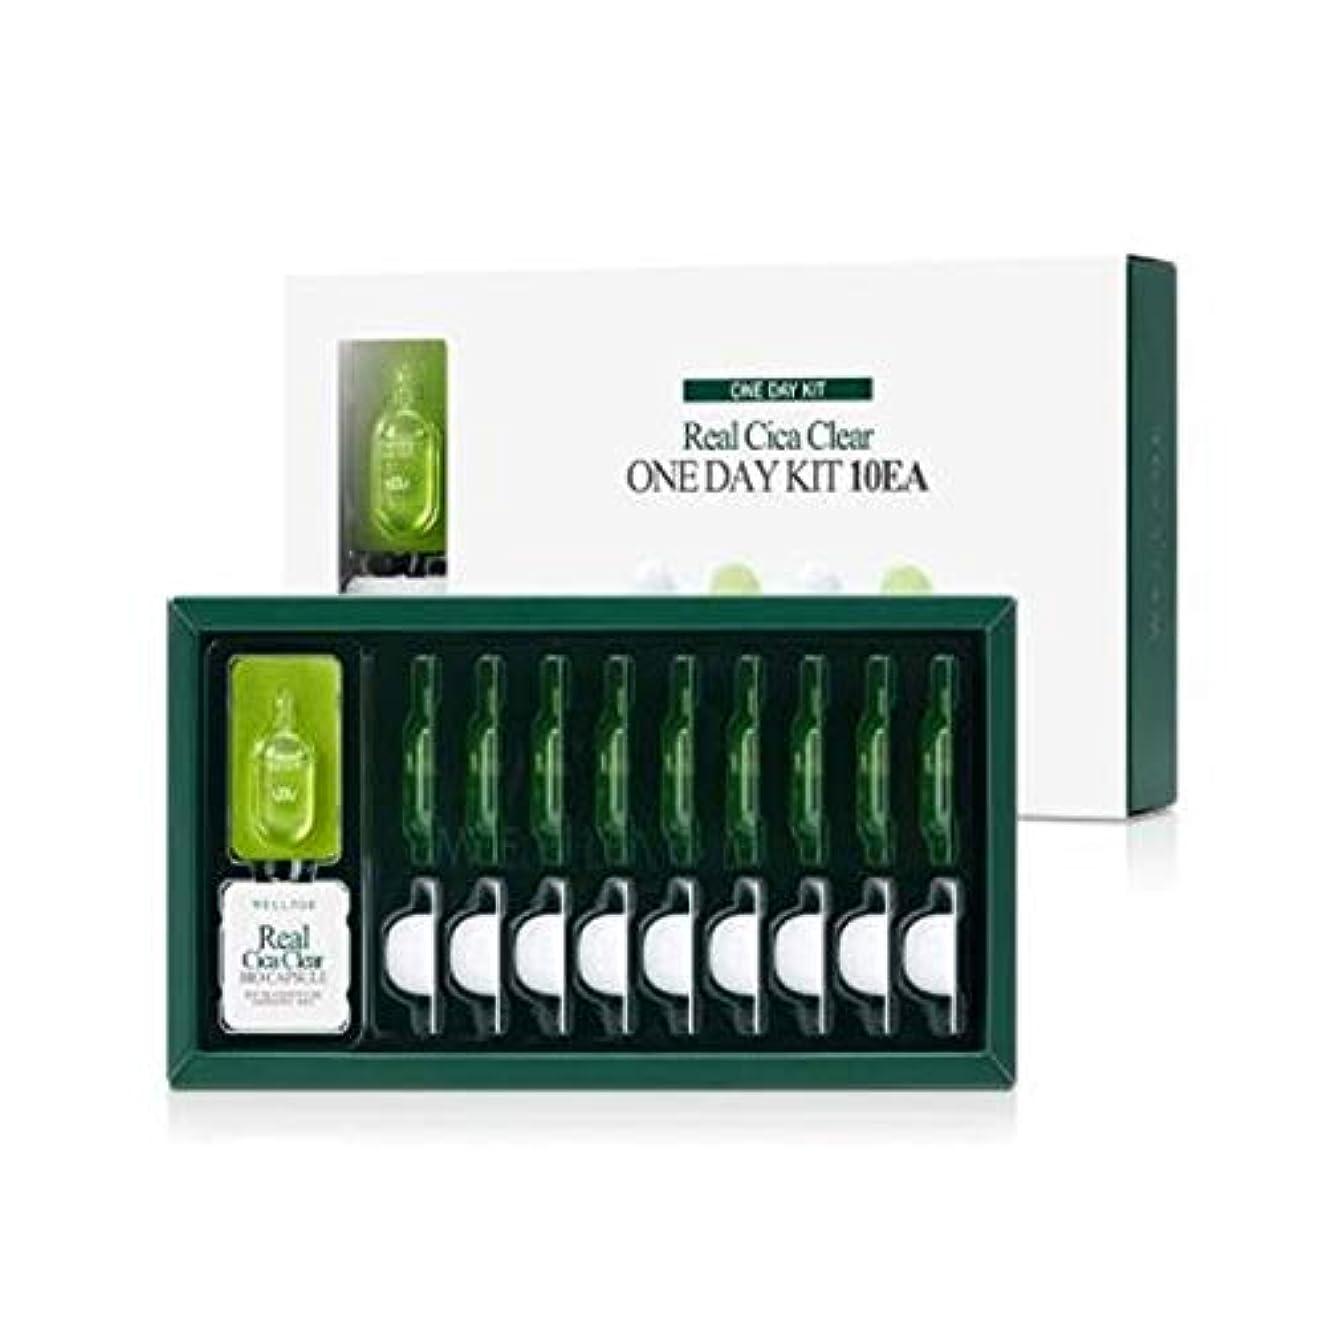 断片上級変更WELLAGE(ウェラージュ) リアルシカクリアワンデイキット 10EA / Real Cica Clear One Day Kit